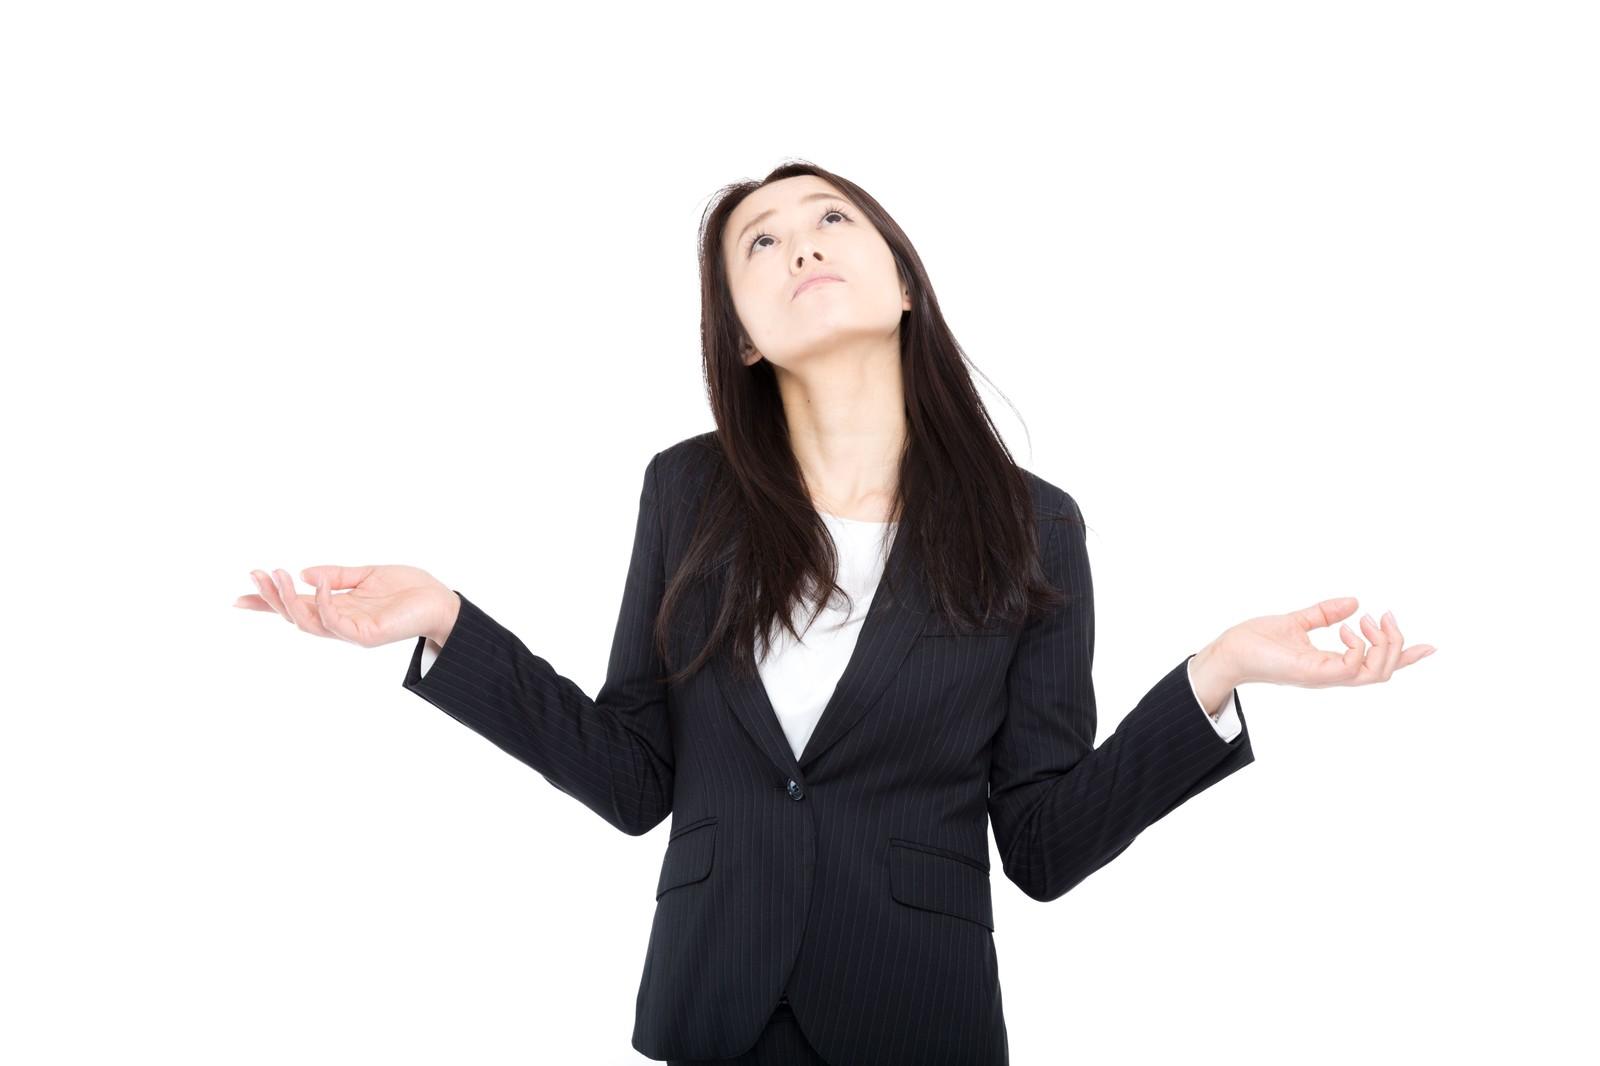 転職の悩みはどうする?多くの人が抱える悩みや解消方法